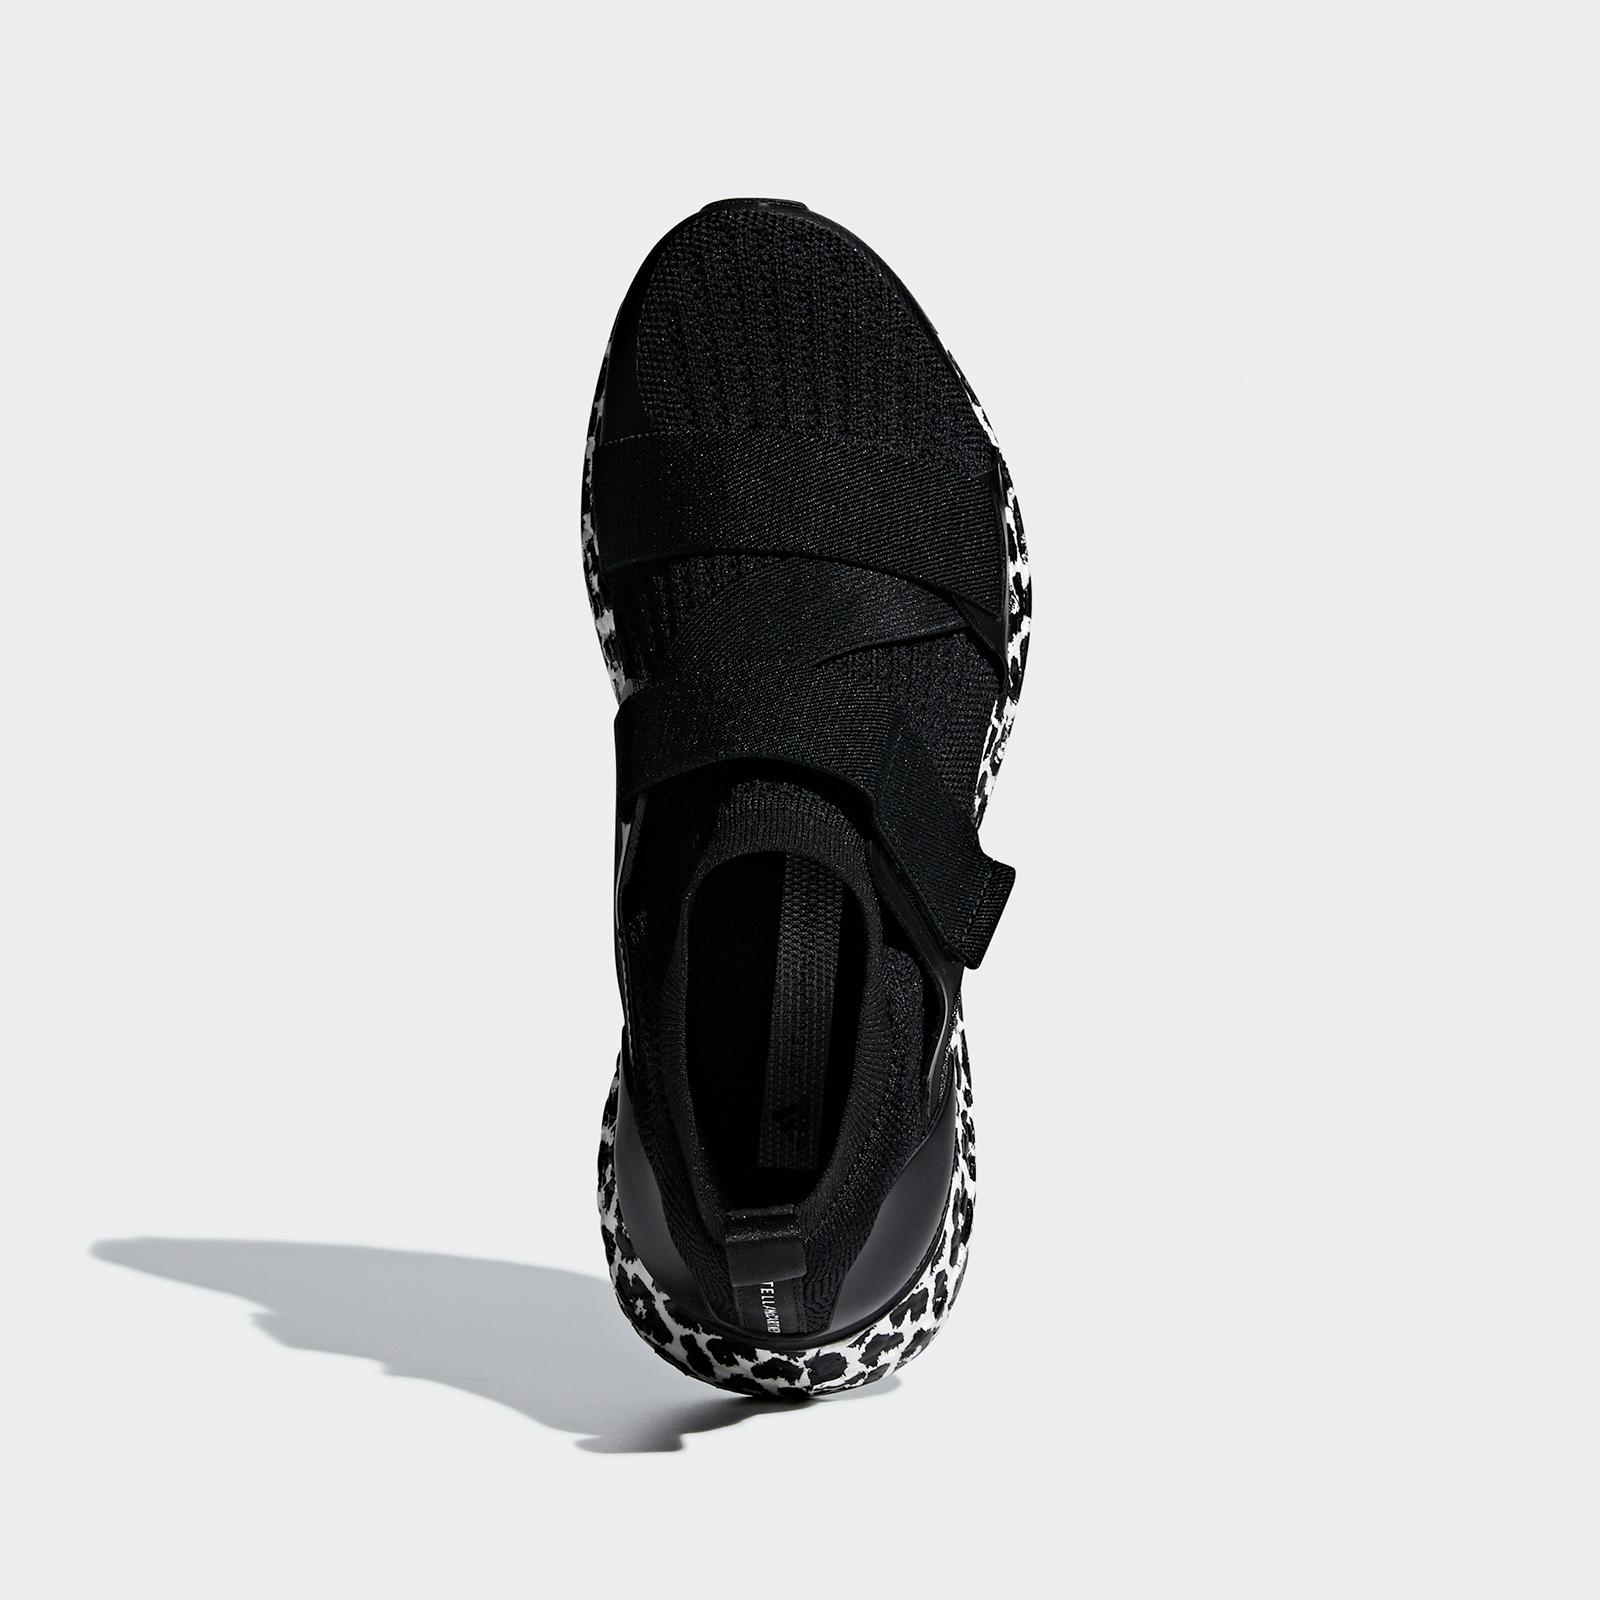 9cf1f7e9 adidas UltraBOOST X - B75904 - Sneakersnstuff | sneakers & streetwear  online since 1999